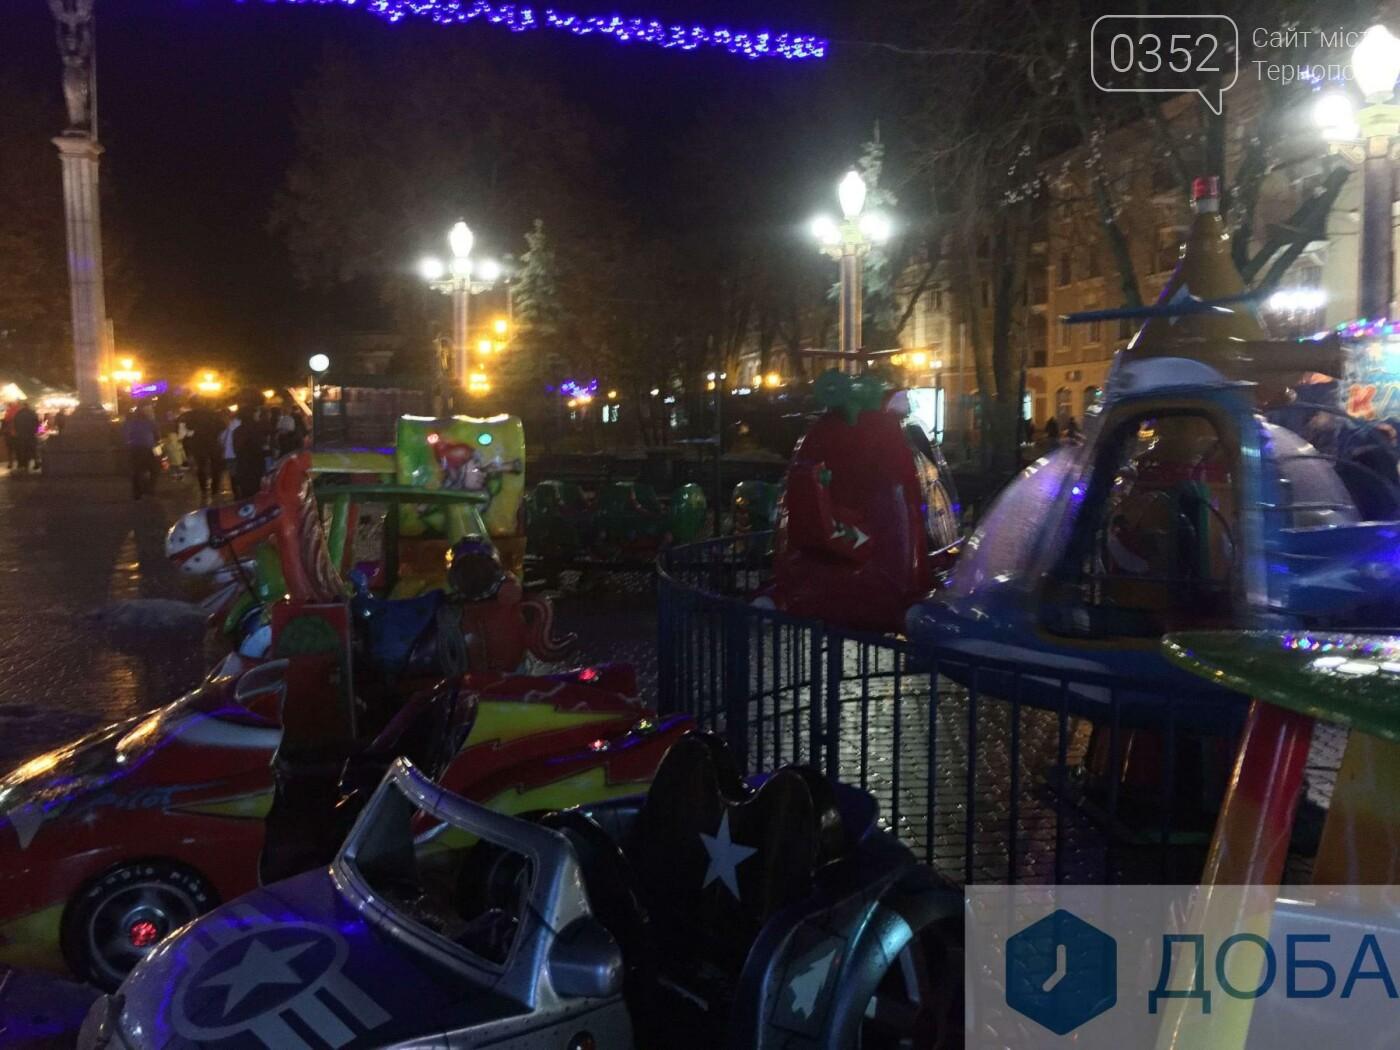 Скільки доведеться заплатити, аби покататись на атракціонах у центрі Тернополя? (фото), фото-1